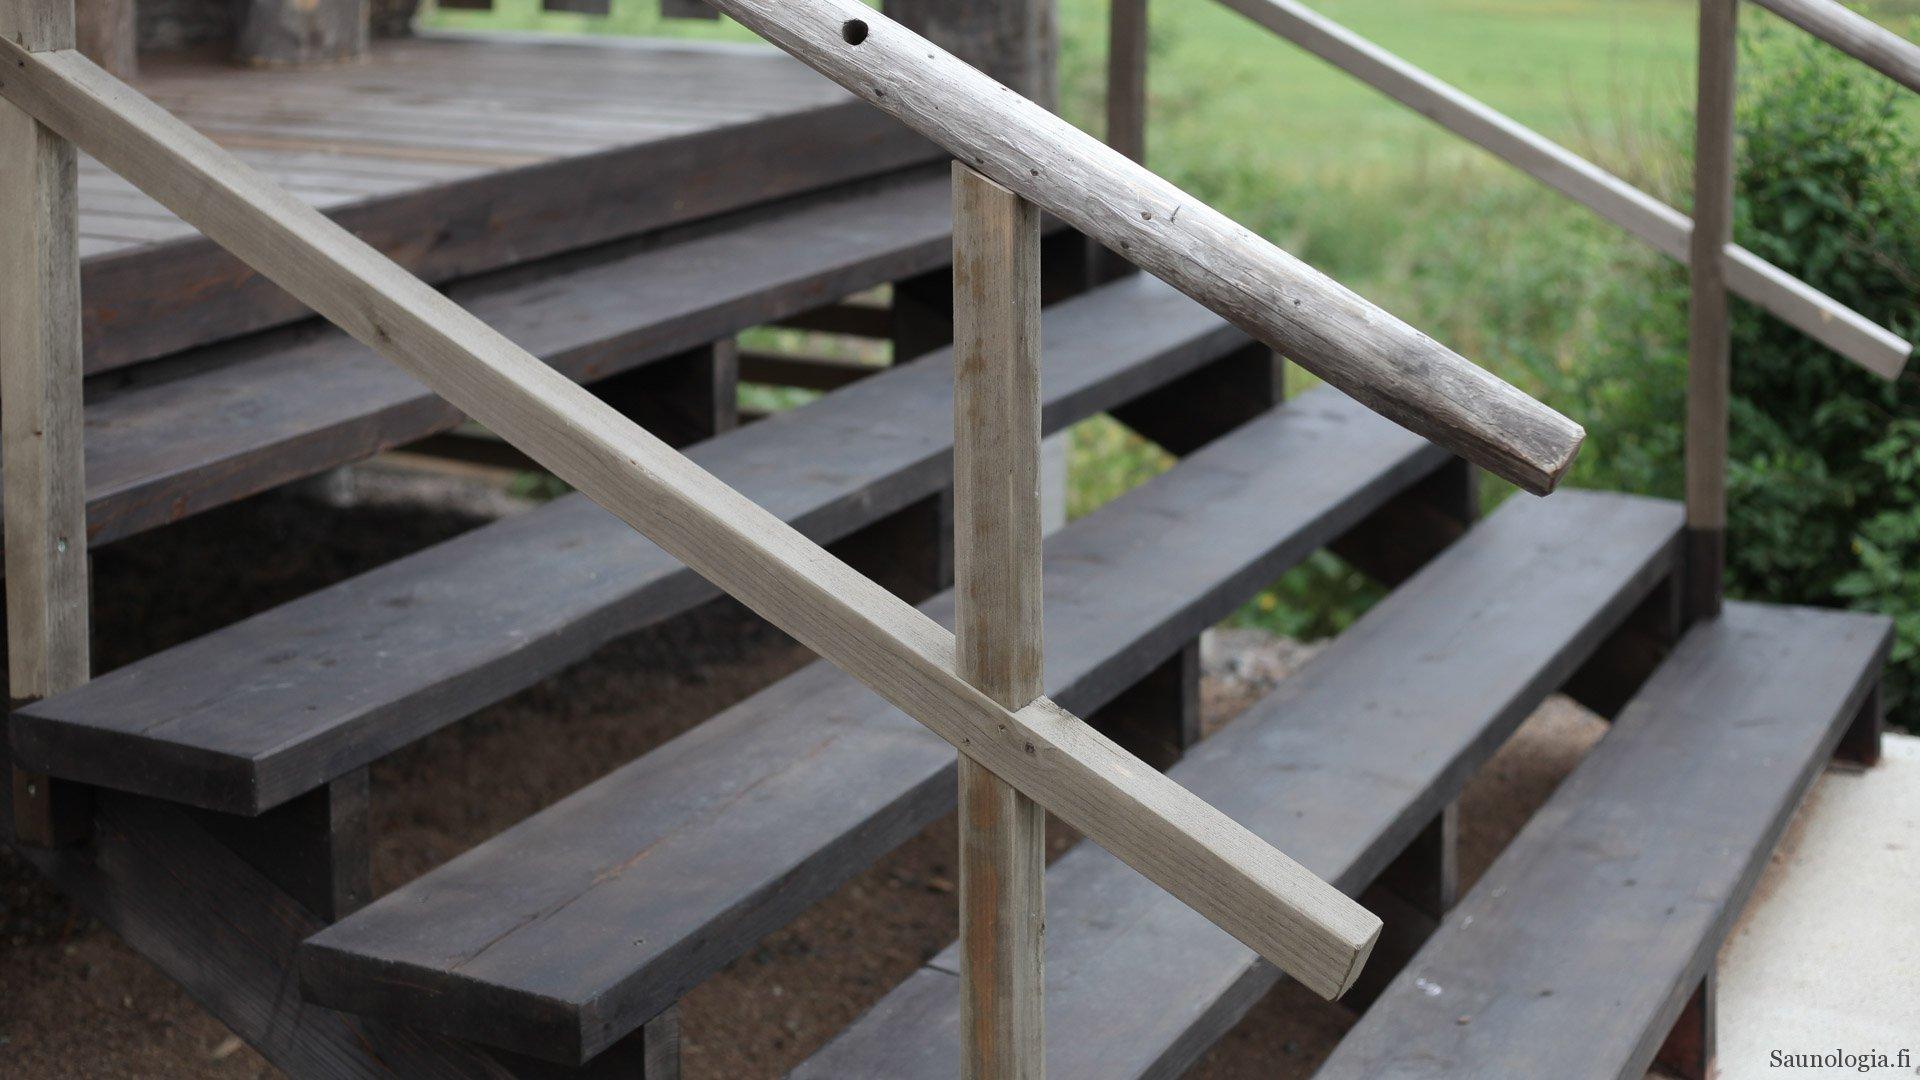 Saunan rappusten rakentaminen ja raakalaudan käsittely terassipuuksi